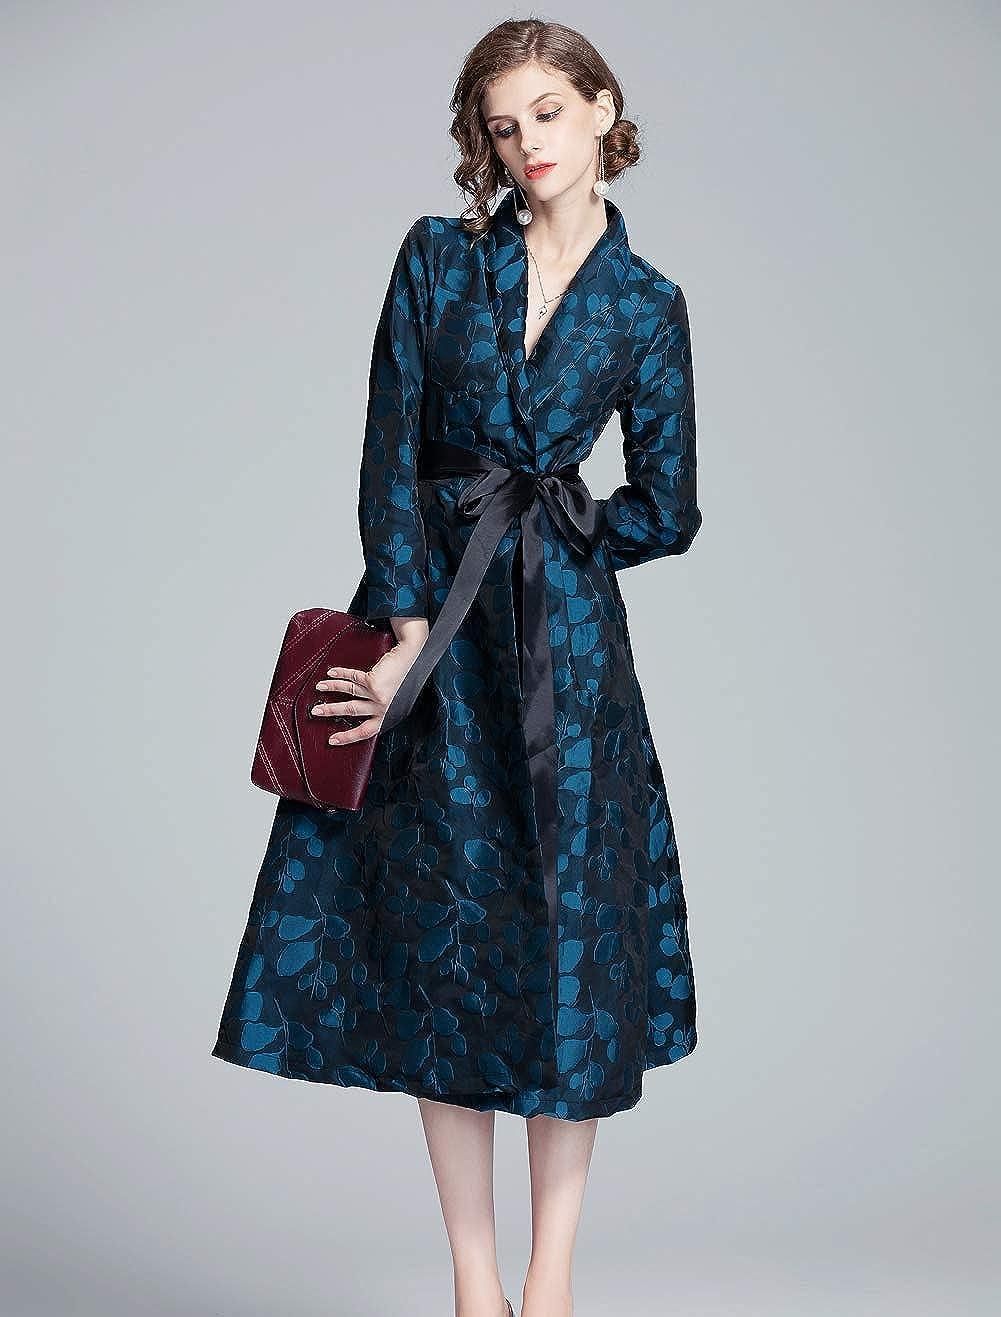 HAOKEKE Women Long Sleeves Dark Blue Leaves Pattern Windbreaker Coat Jacket Dress